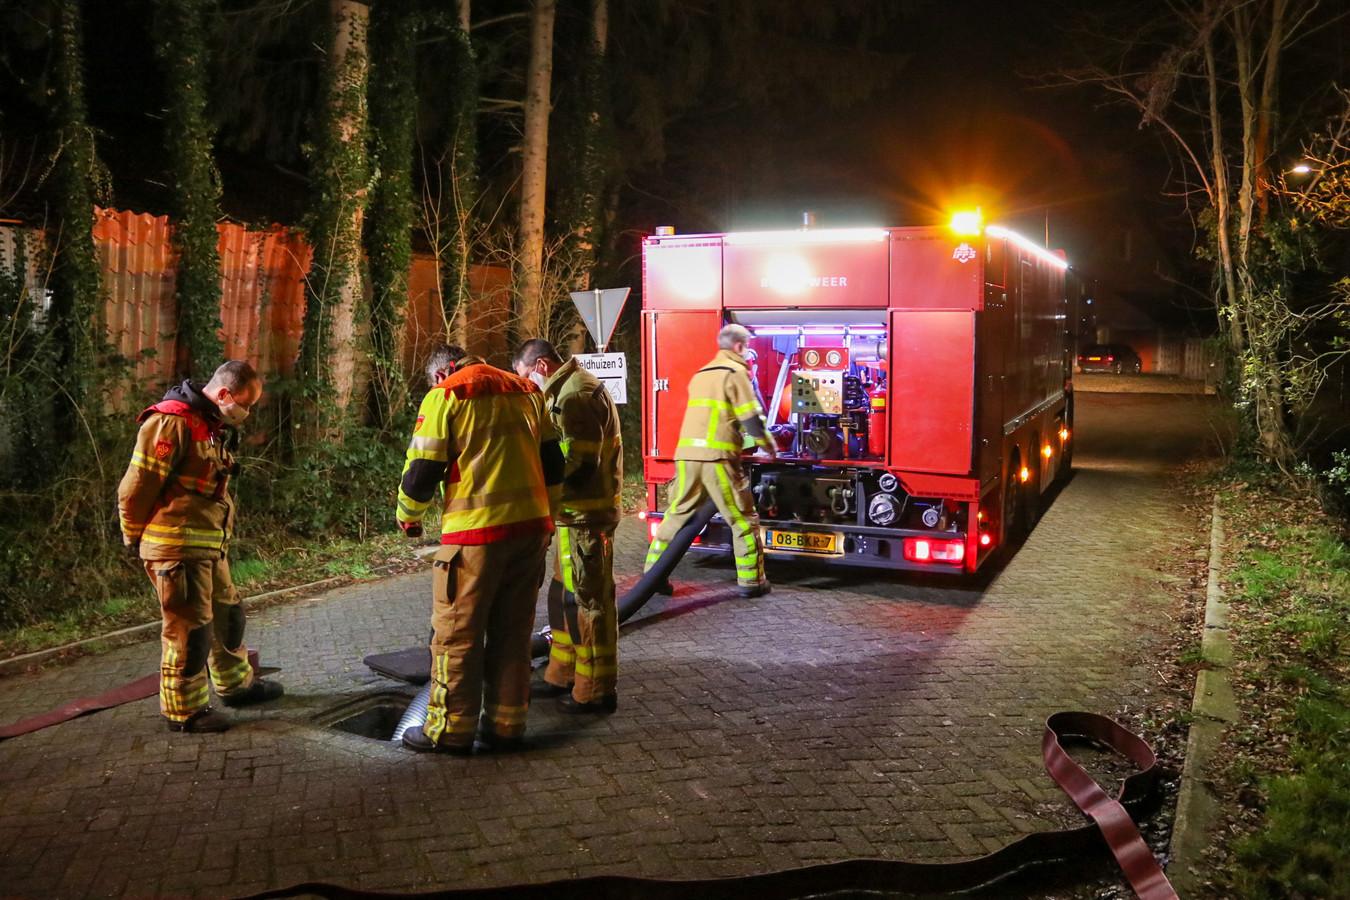 Brandweer pompt water door riool om benzinelucht te lozen in Loenen.